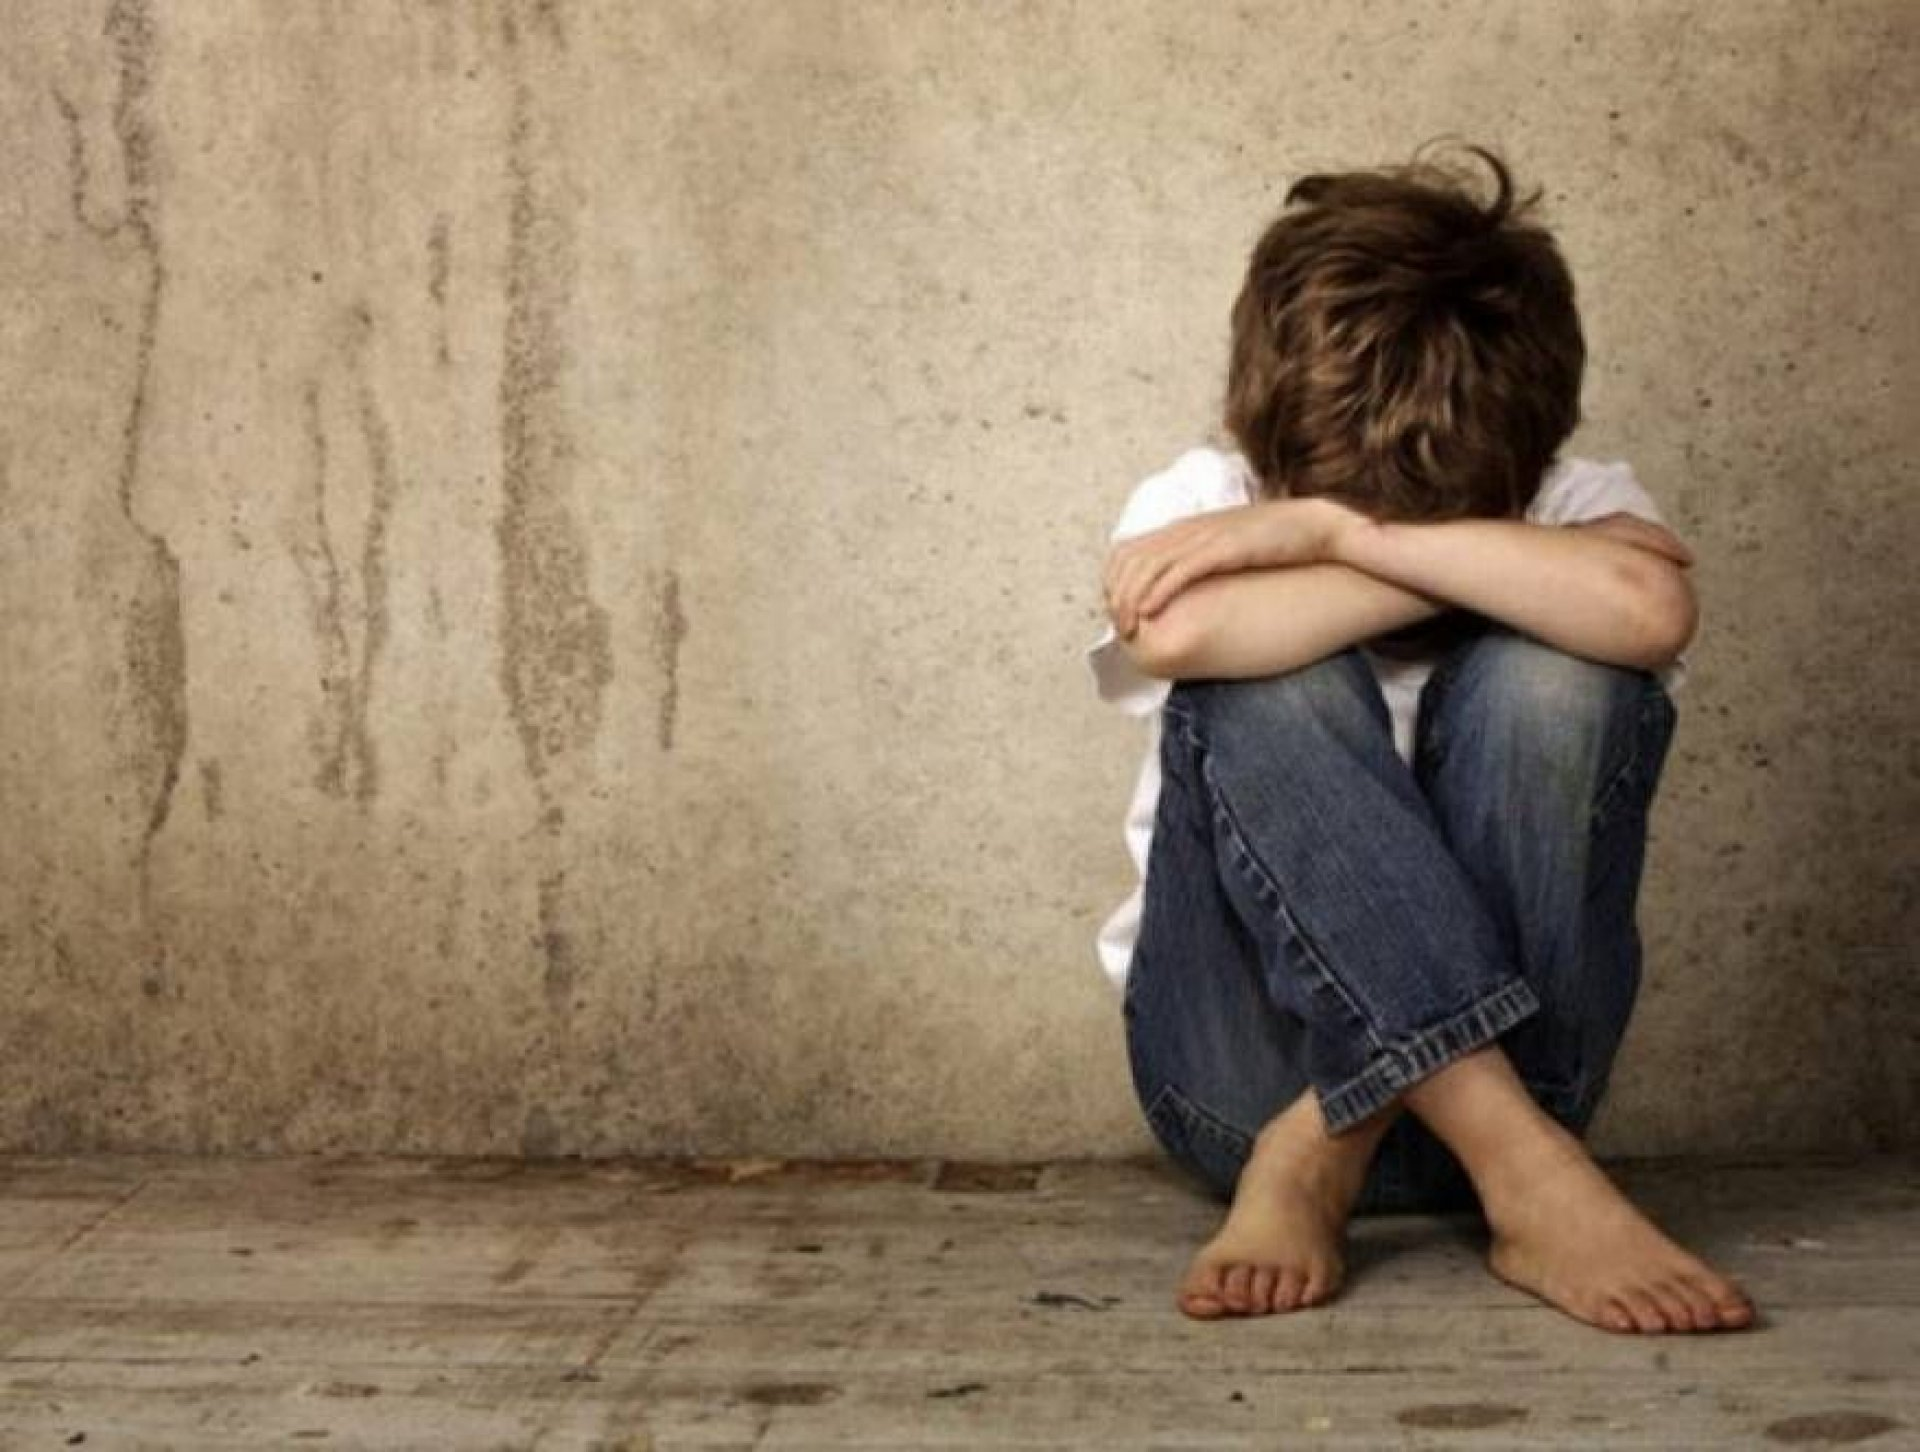 بررسی حقوقی پدیده کودک آزاری و خلاءهای قانونی در ایران/ نازیلا رستم زاده